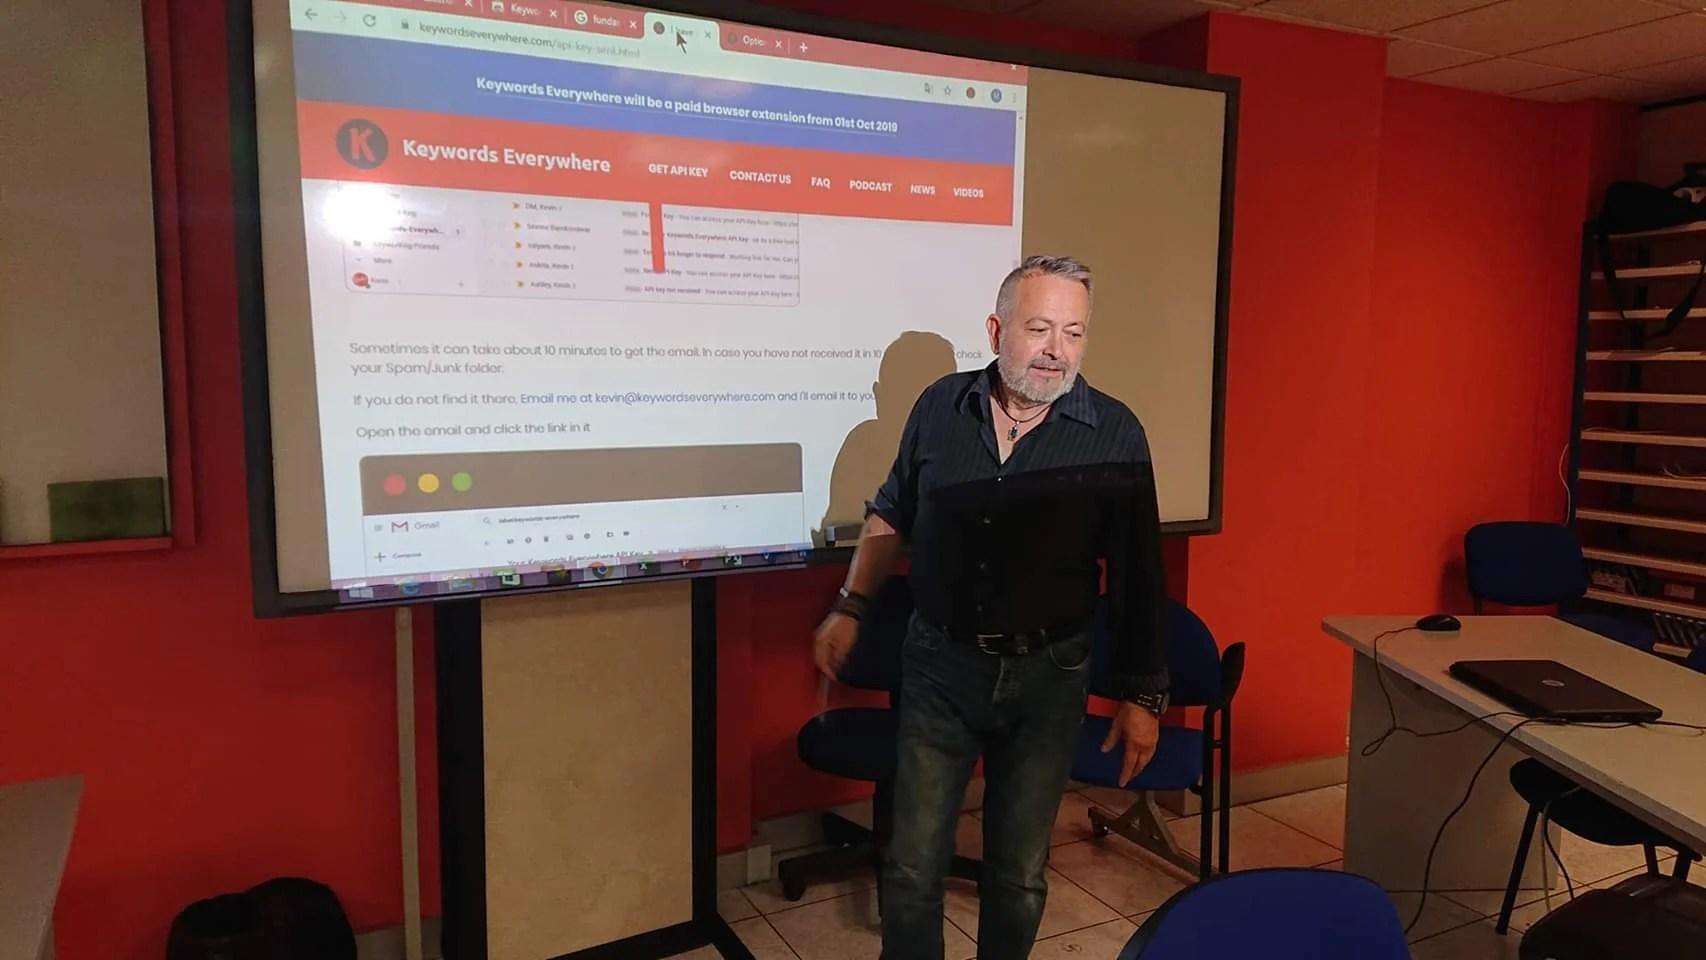 Diseño web y seo en Reus, Tarragona y provincia